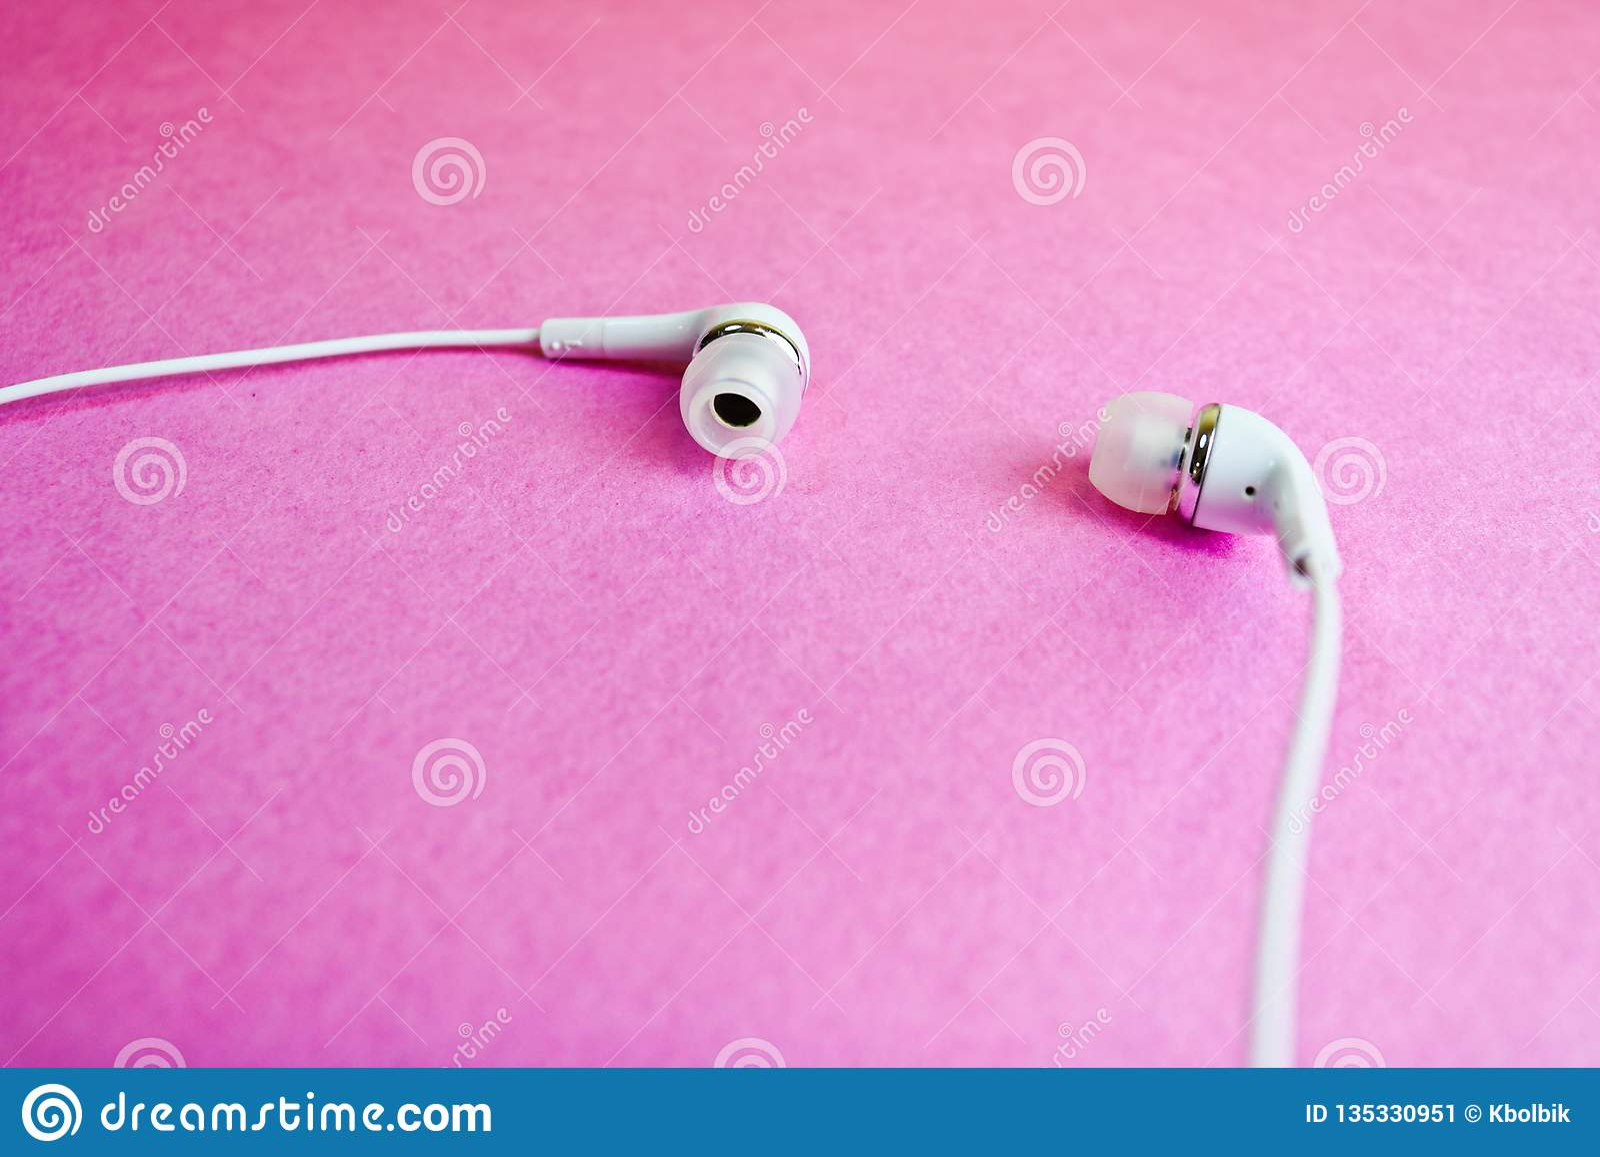 Vit hörlurar för härligt modernt digitalt plast- vakuum med trådar för att lyssna till musik på en purpurfärgad rosa bakgrund kop